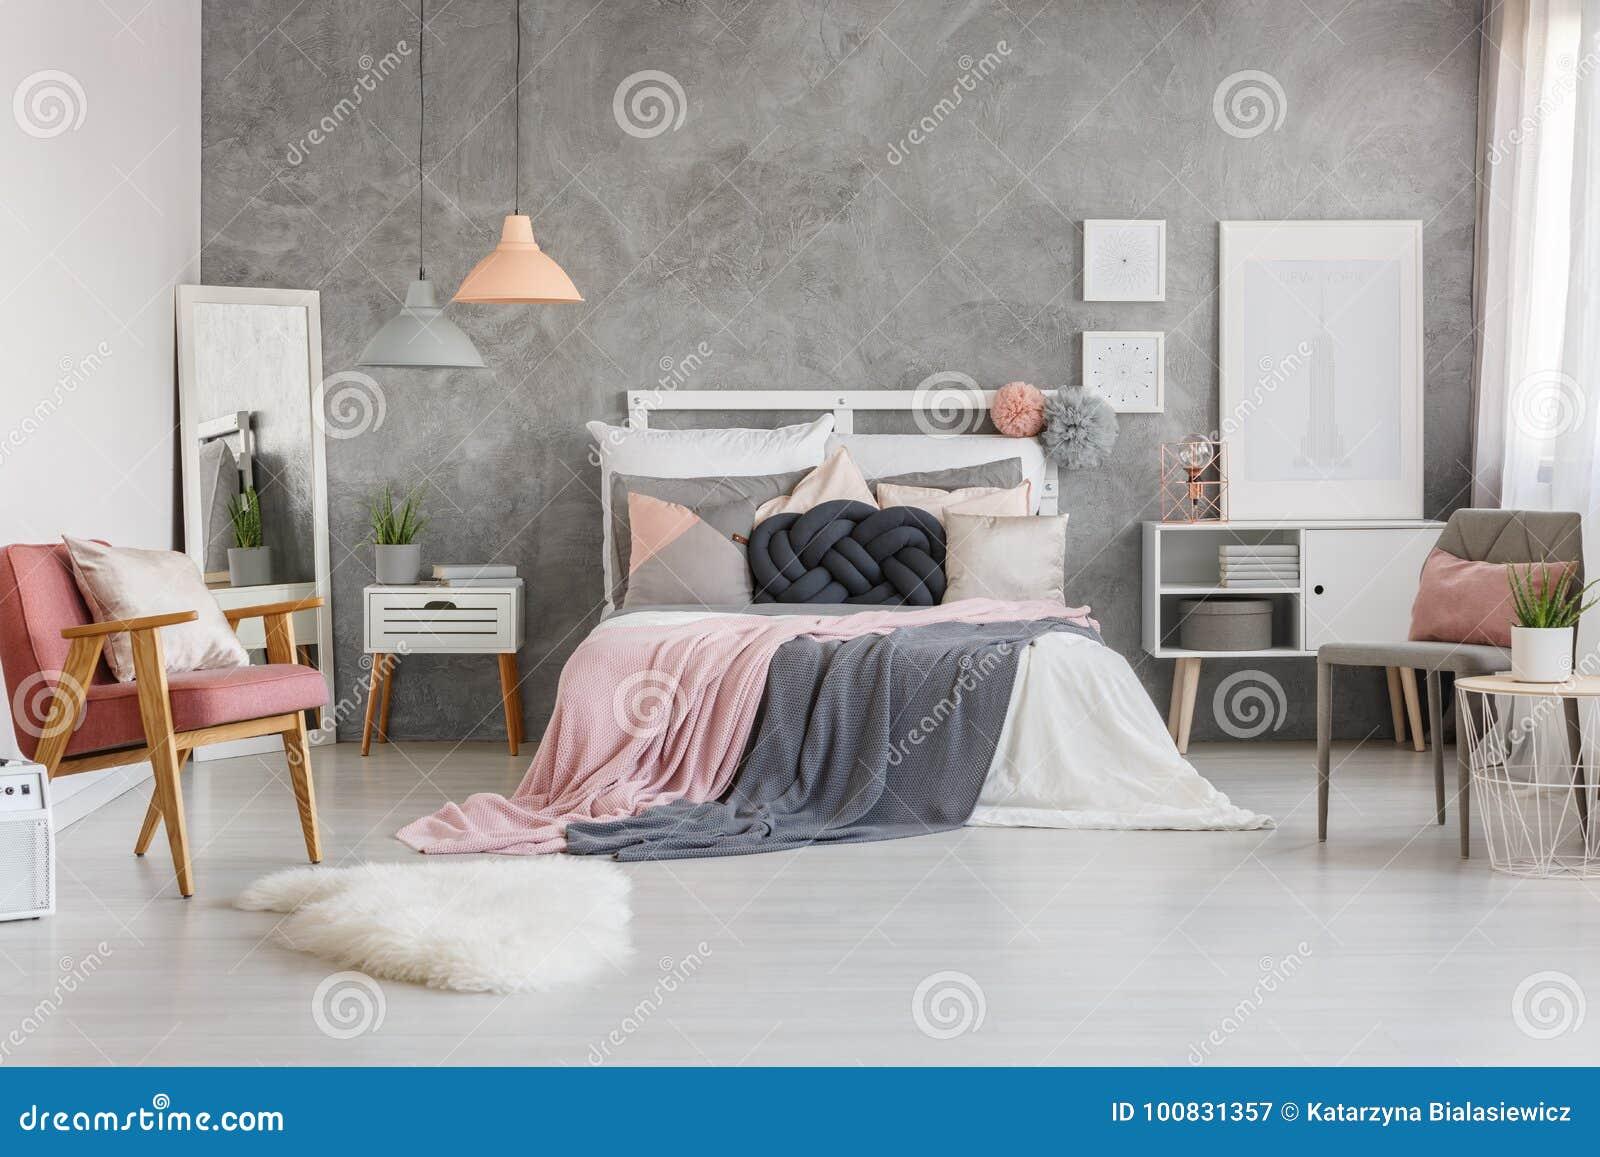 Draps Gris En Pastel Sur Le Lit Grand Contre Le Mur Texturisé Gris Dans La  Chambre à Coucher Adorable Avec Le Rose De Poudre